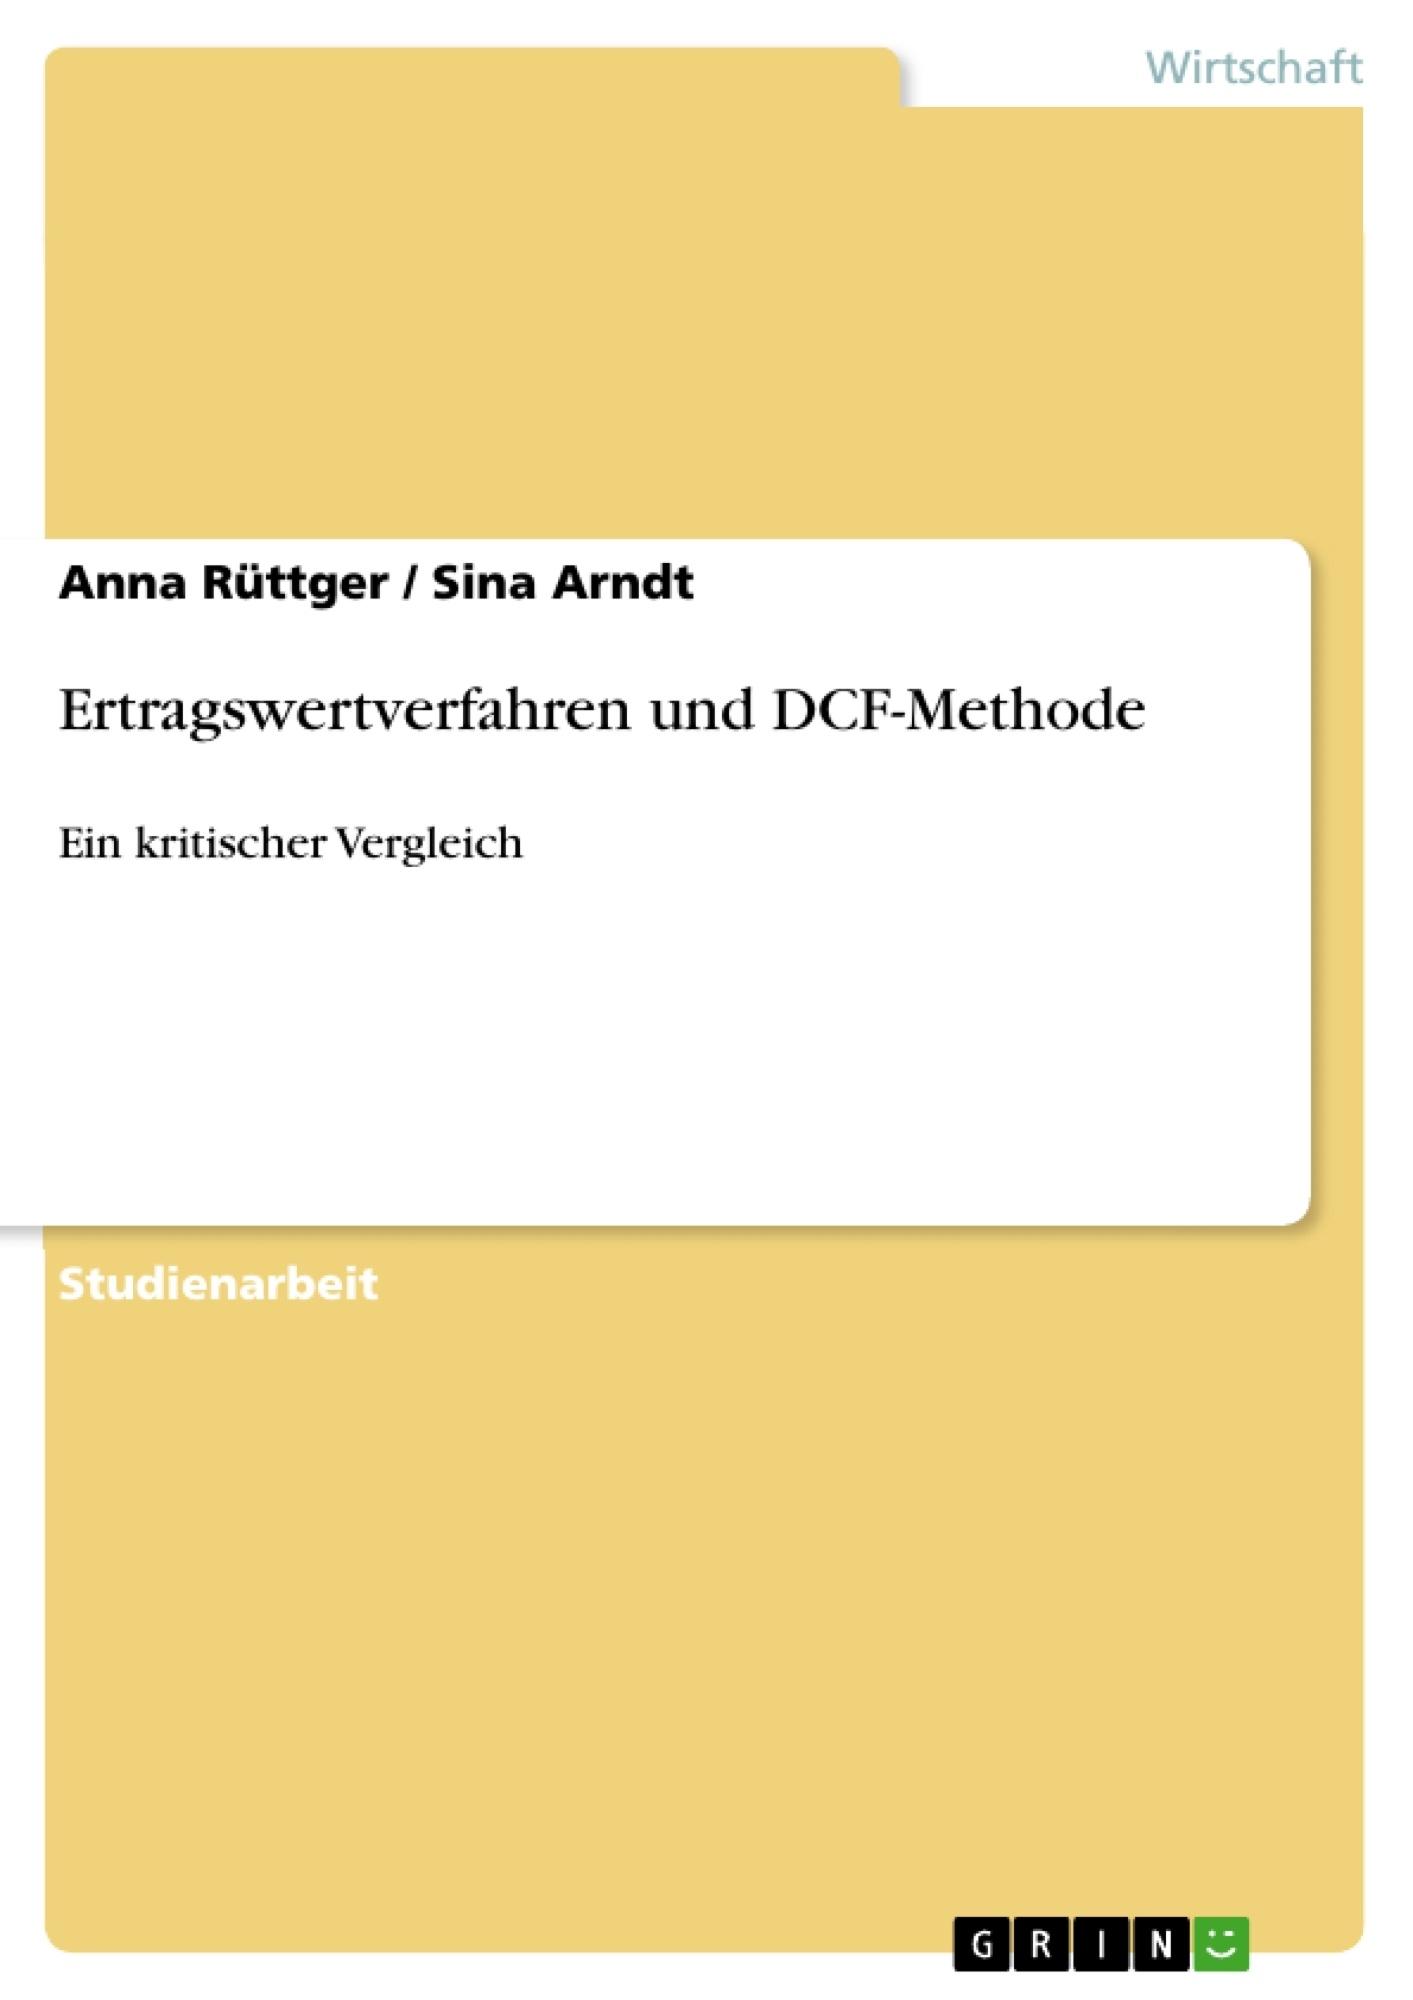 Titel: Ertragswertverfahren und DCF-Methode